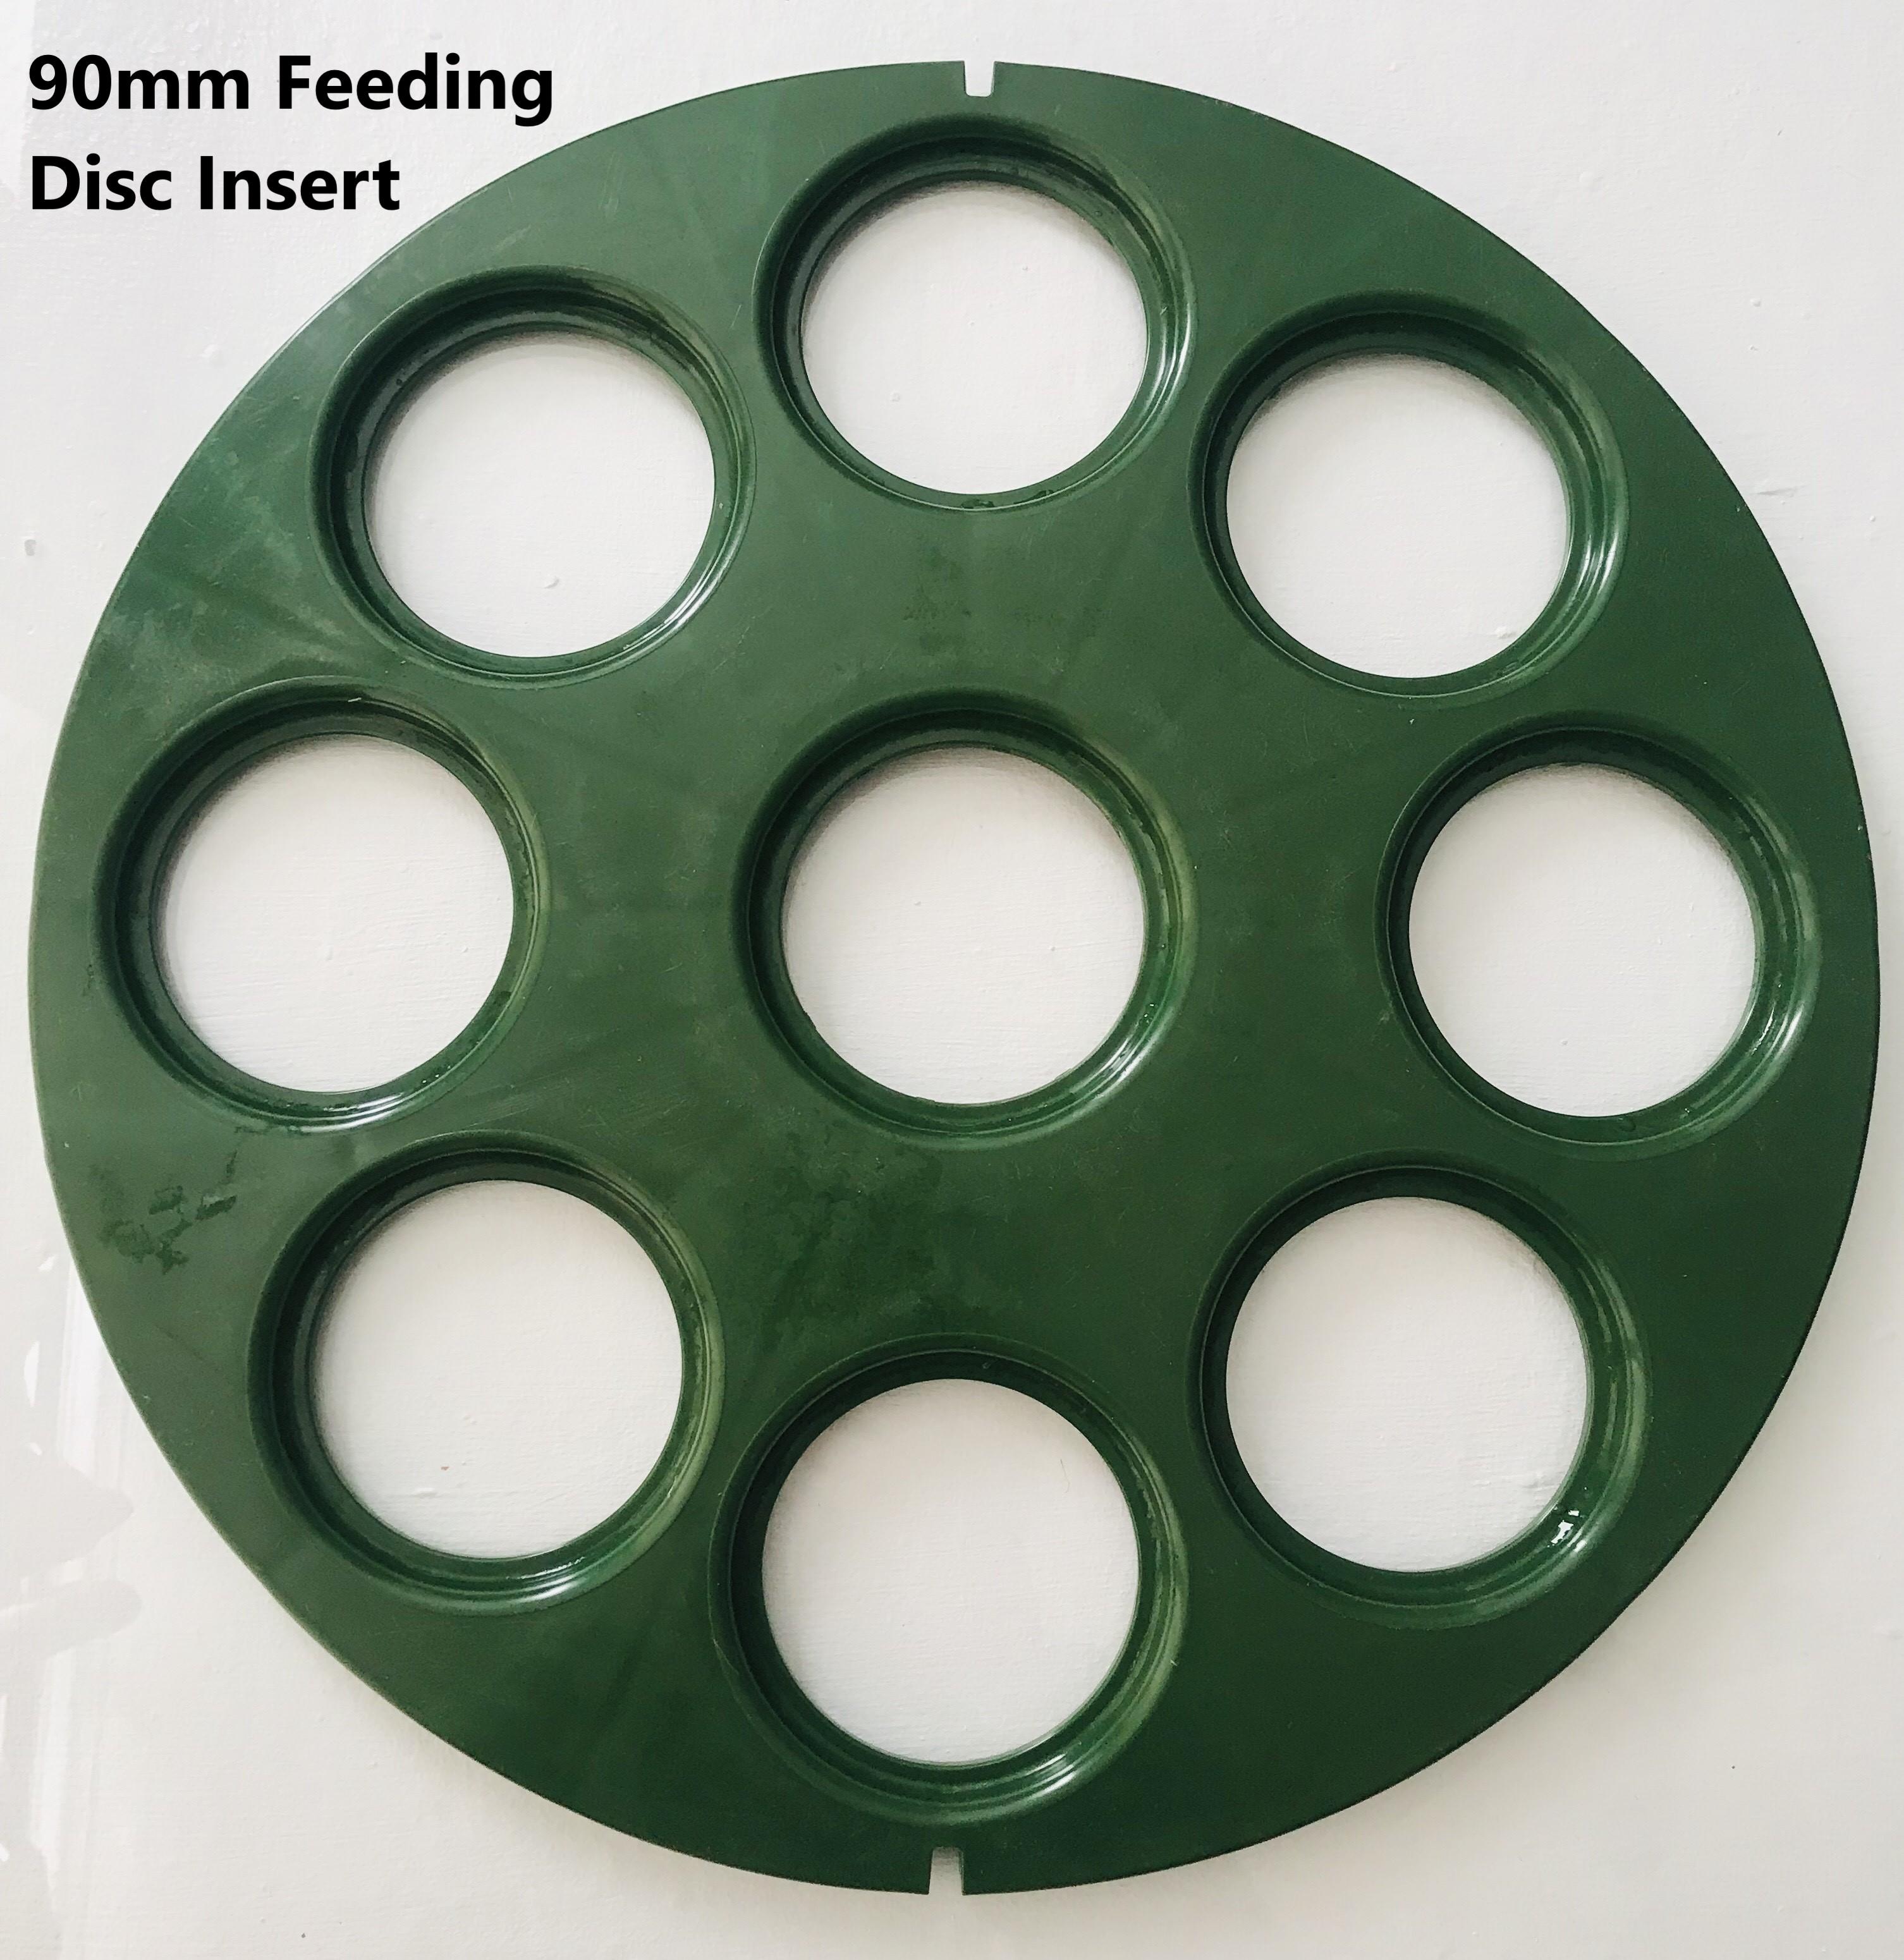 90mm feeding disc